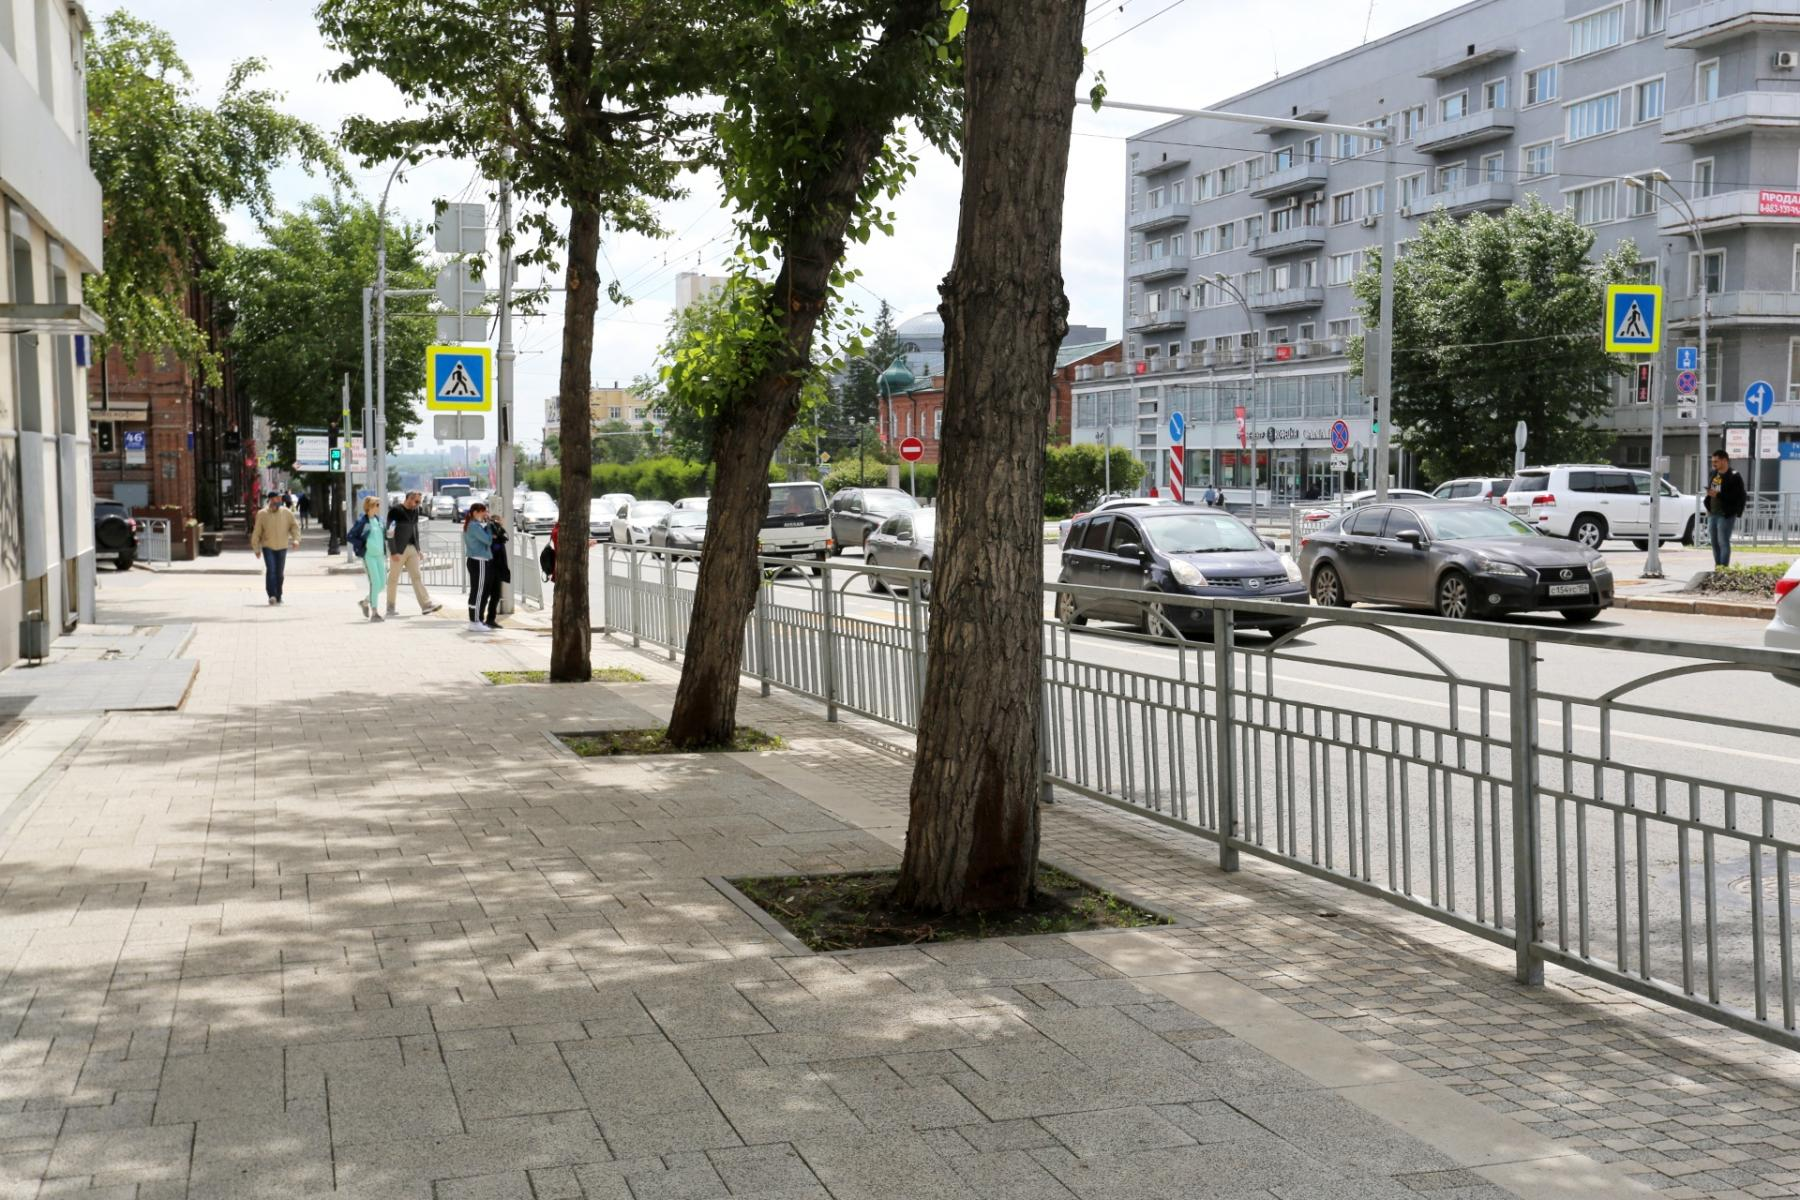 фото Свеженькая взошла: в центре Новосибирска вновь появилась конопля 3